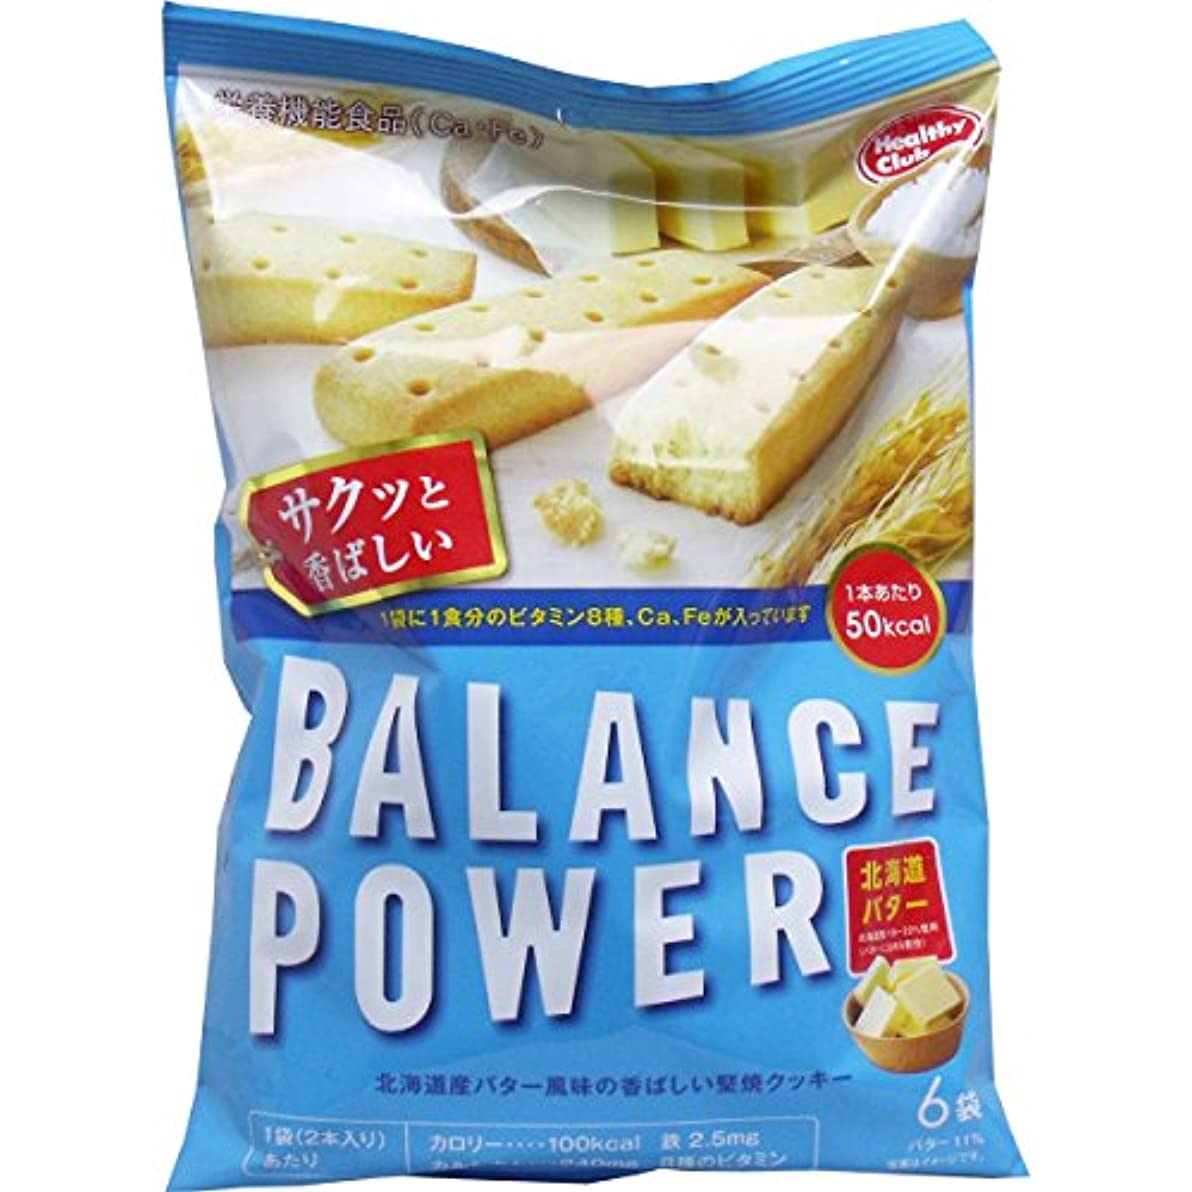 品揃え道定義するバランスパワー 北海道バター味 6袋(12本)入